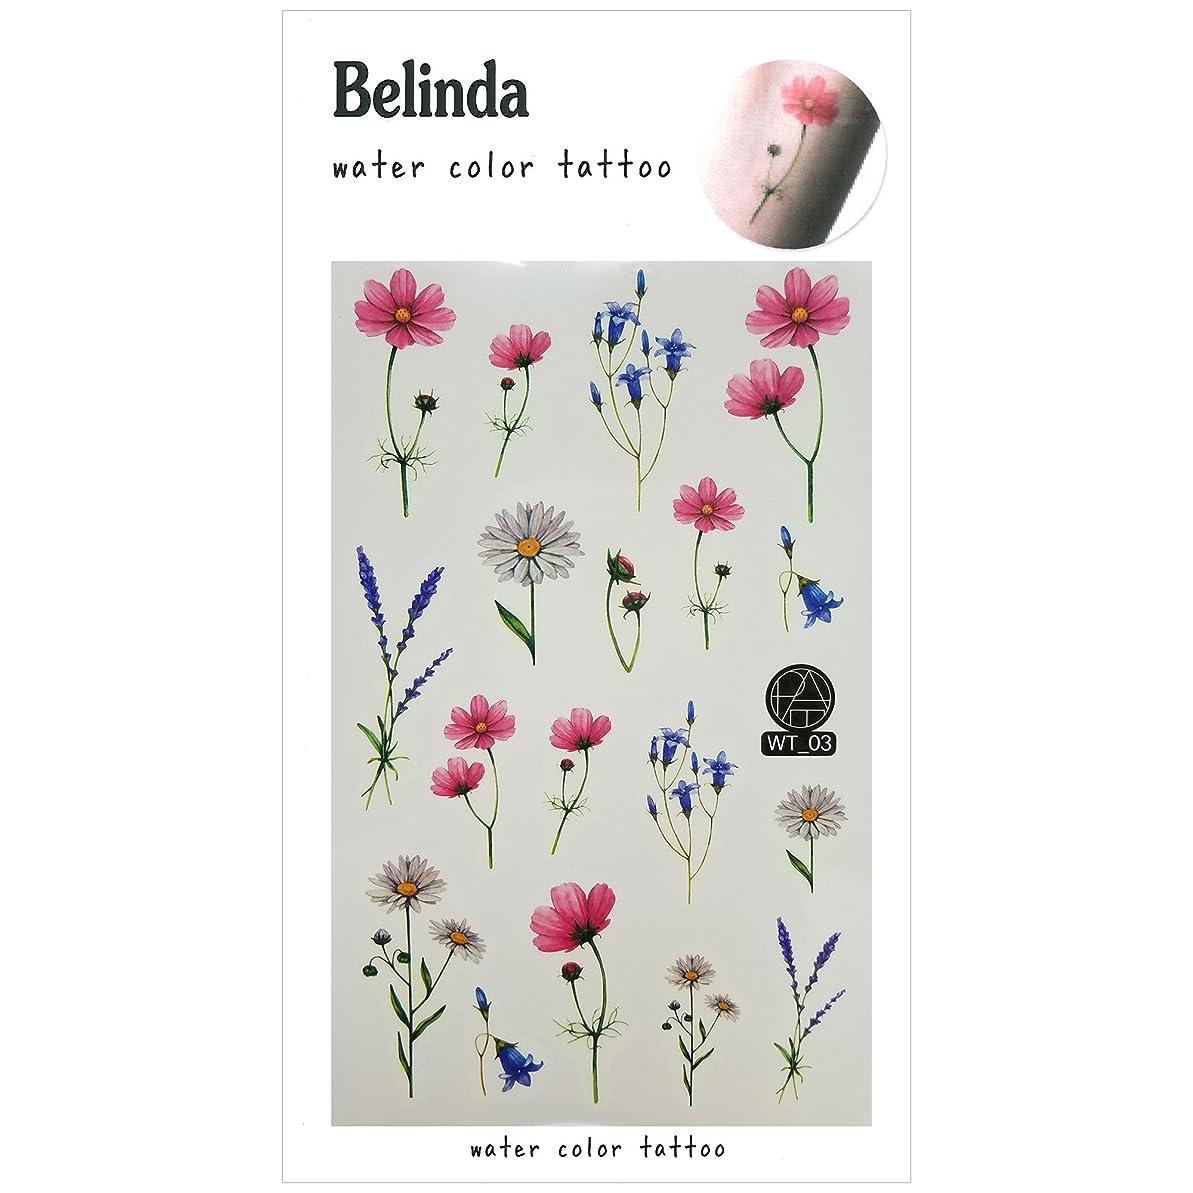 状もっと少なく発音Belinda ウォーターカラータトゥー No.1 (1シート)